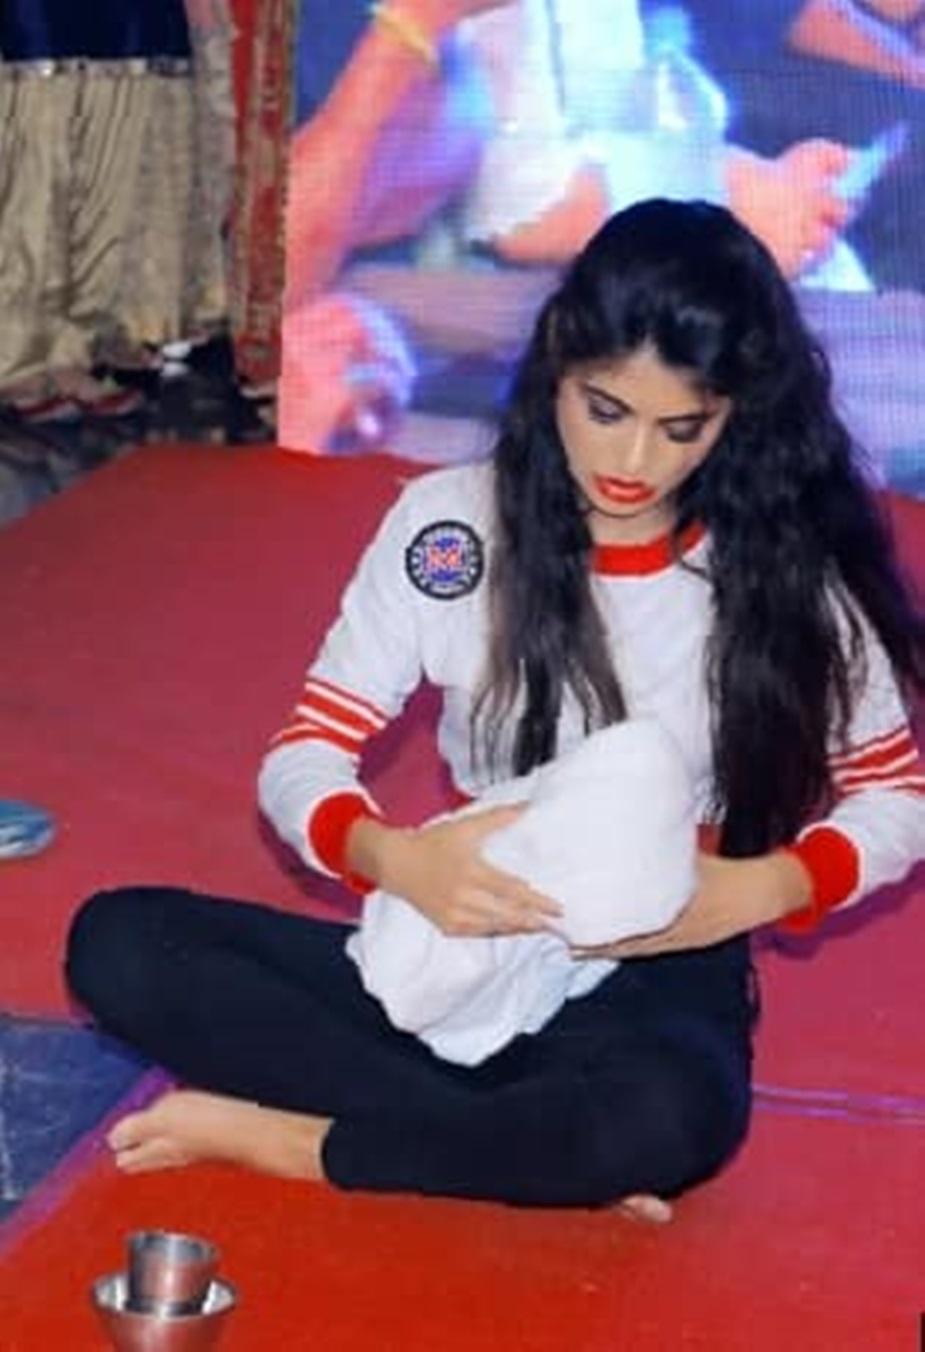 नेहा मिस ग्लोरी-2017 का ताज पहनने के अलावा मिस हिमालय 2018 सहित कई प्रतियोगिताएं अपने नाम कर चुकी हैं.